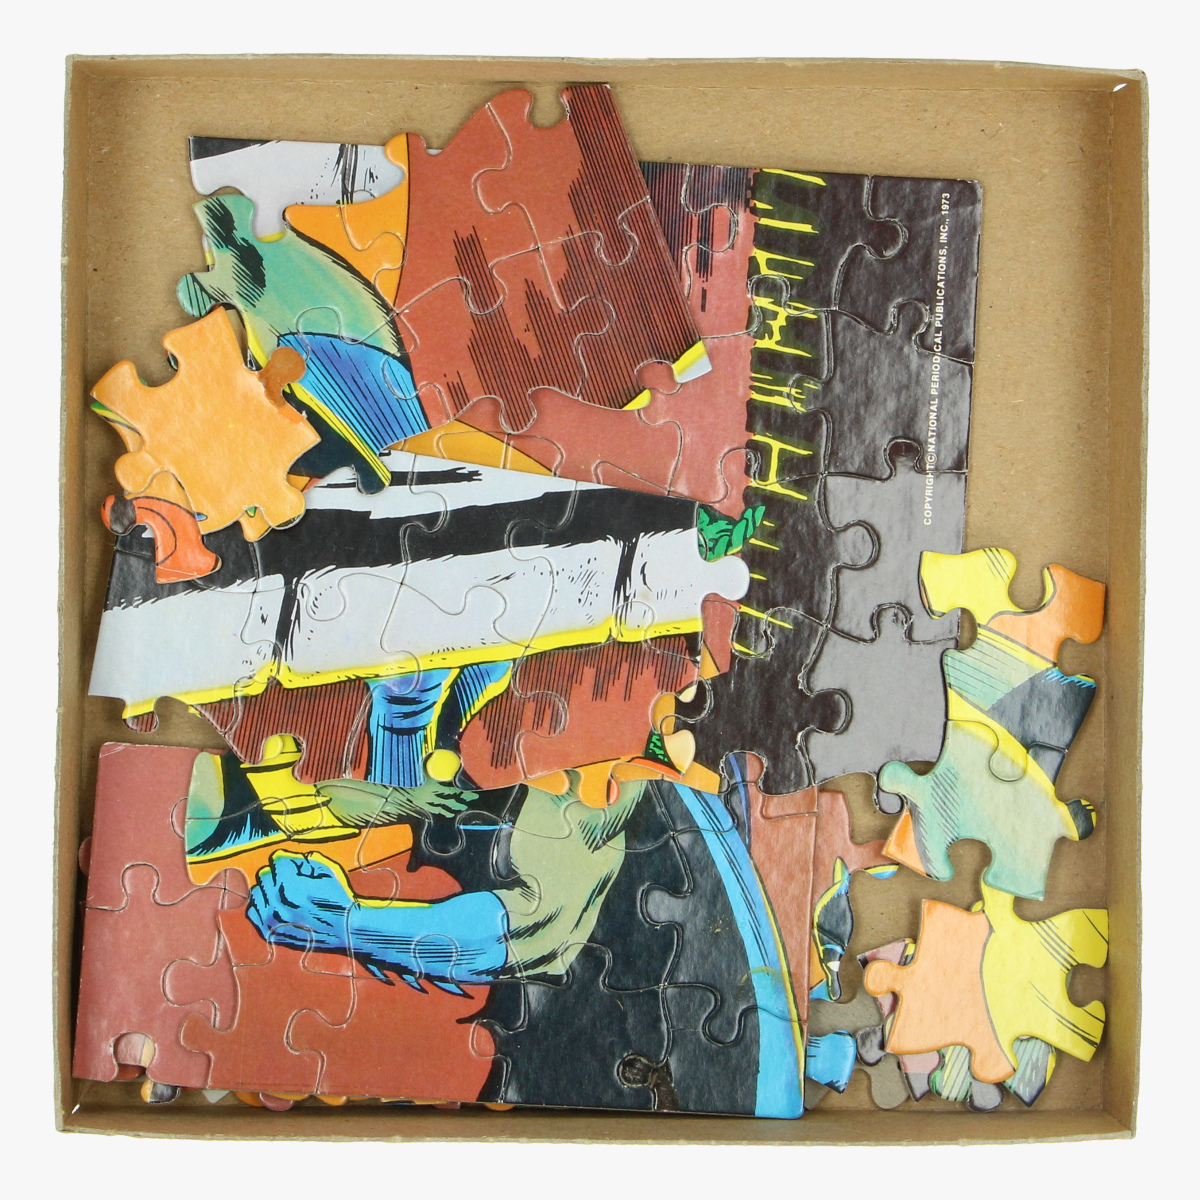 Afbeeldingen van puzzel batman with robin the boy wonder 1973